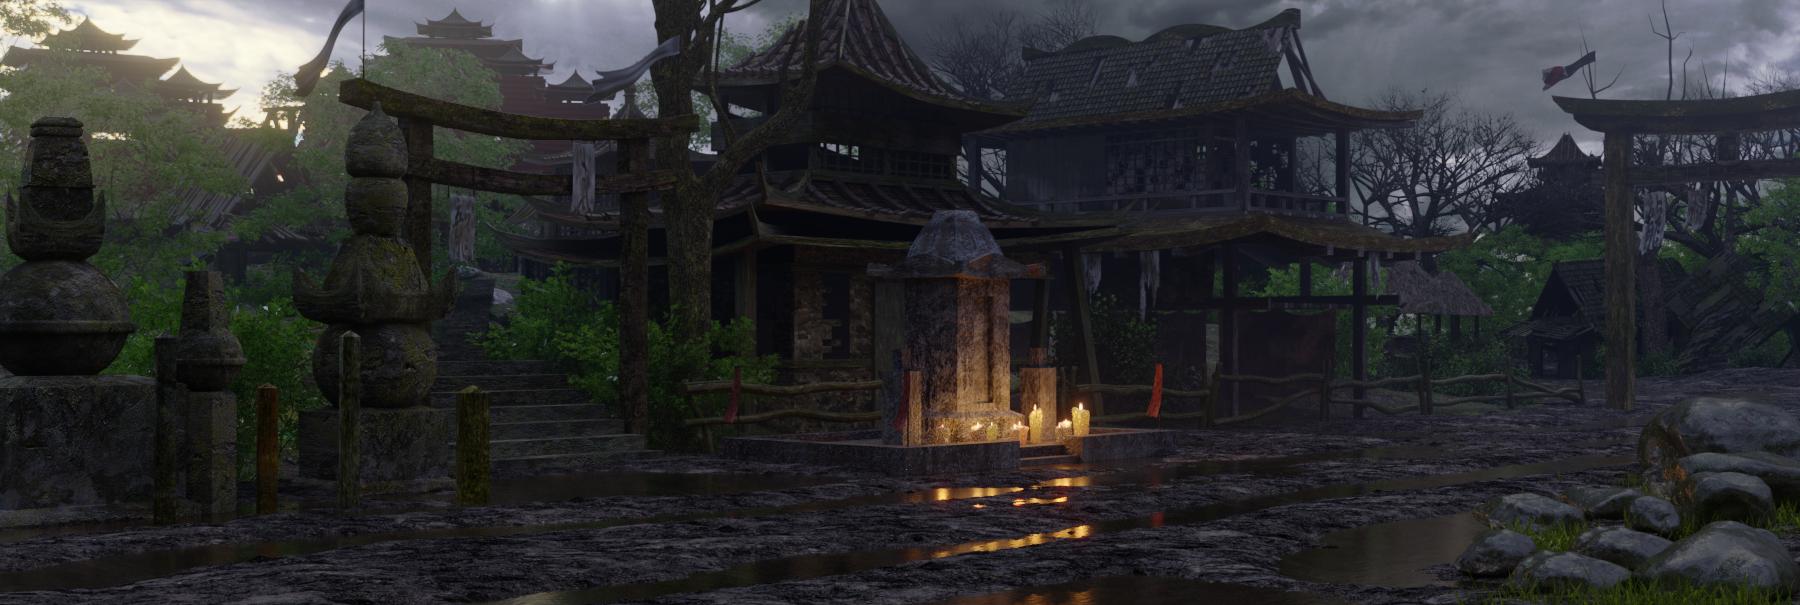 फुसफुसाते गांव Blender cycles render में प्रस्तुत छवि